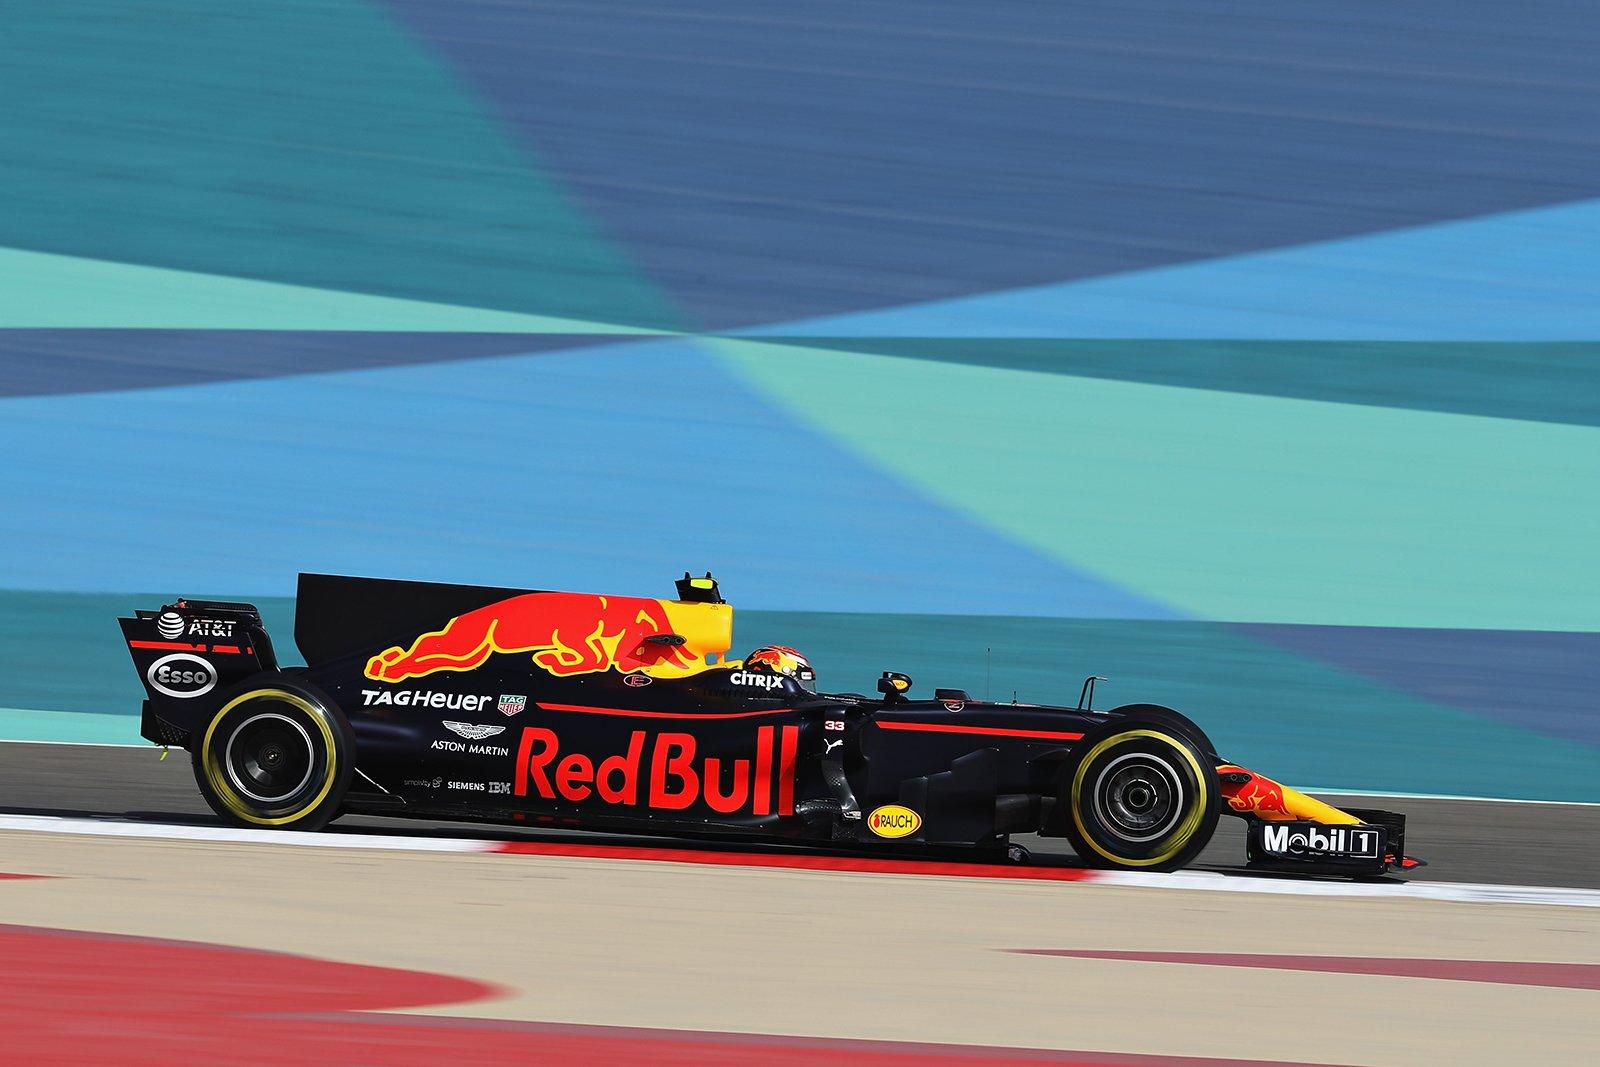 Макс Ферстаппен быстрейший в субботней практике гран-при Бахрейна